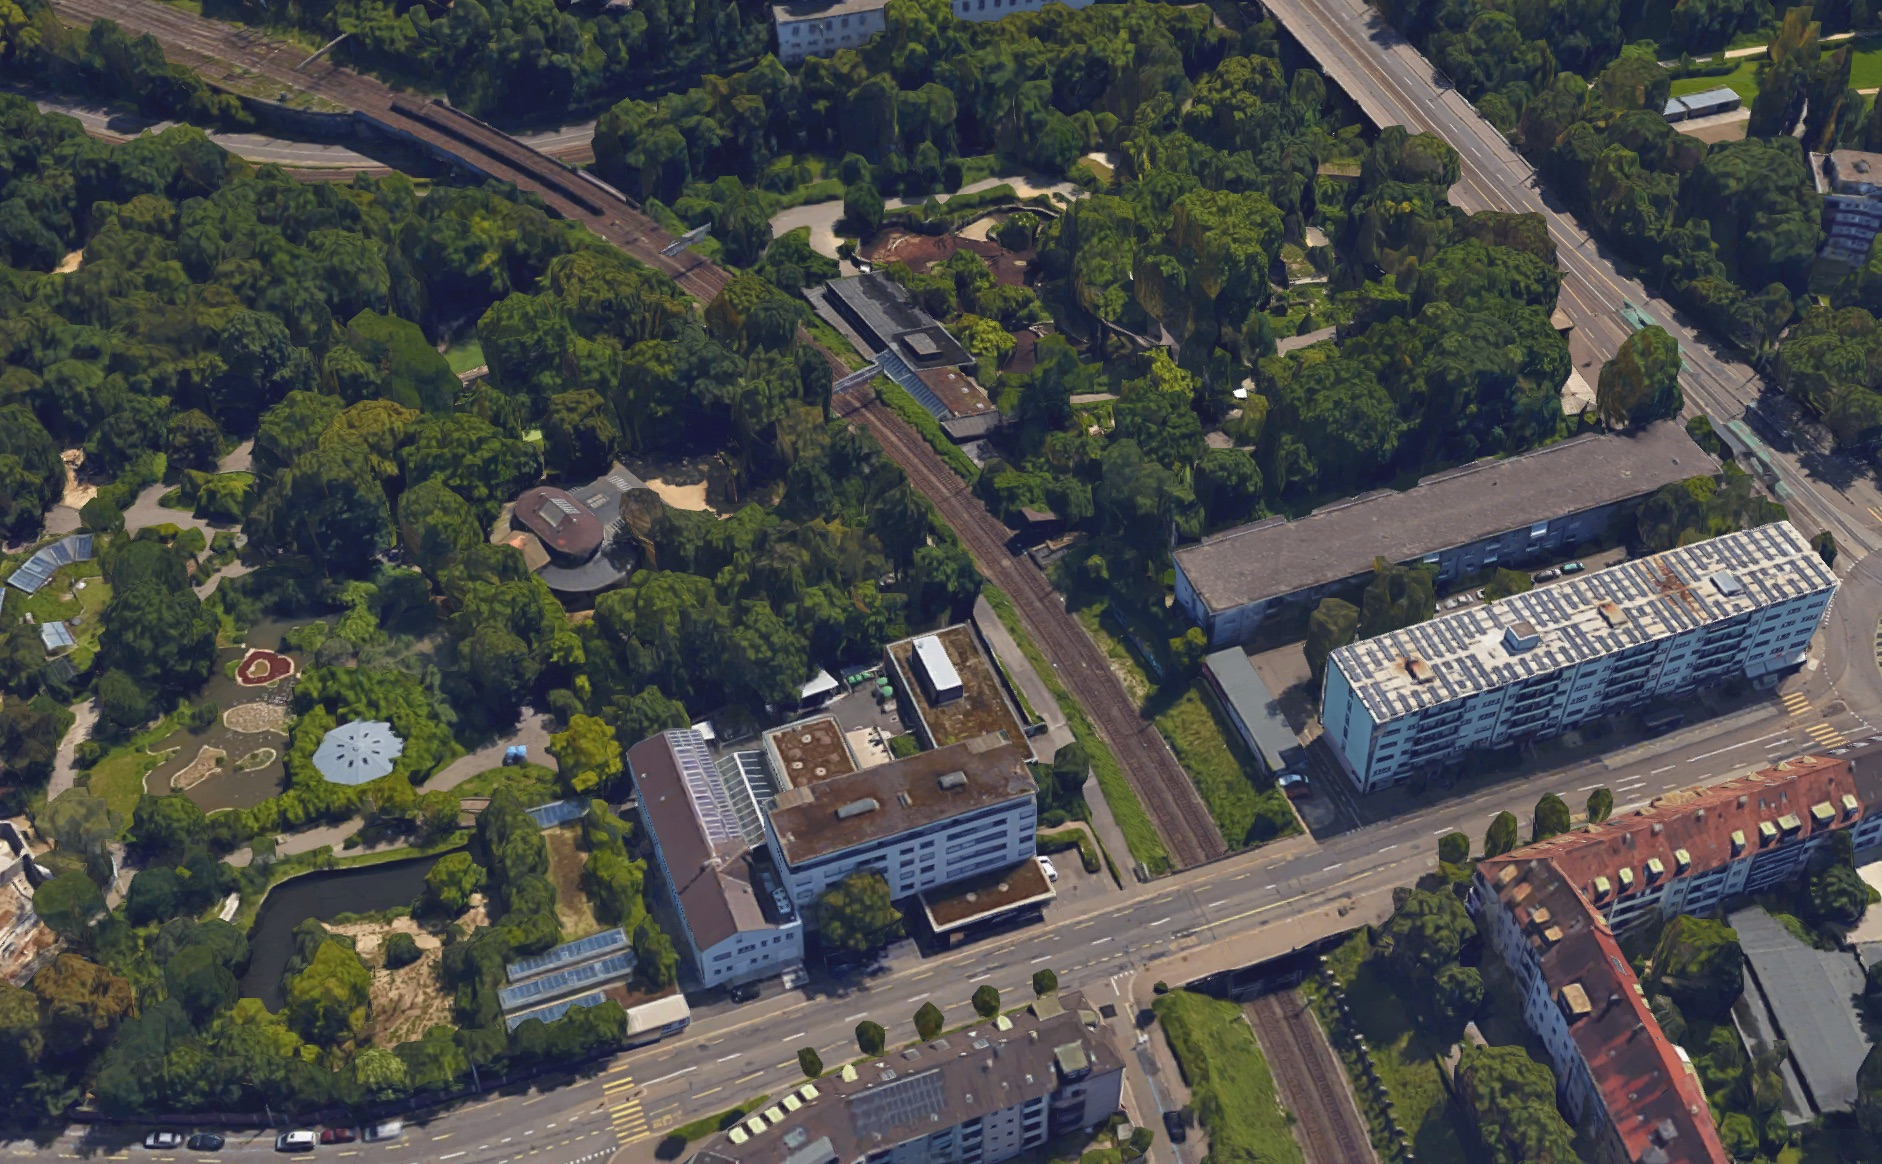 Streitpunkt Zollibrücke: Der Velo- und Fussgängersteg würde entlang der Bahnlinie führen, die den Zolli heute schon durchschneidet.